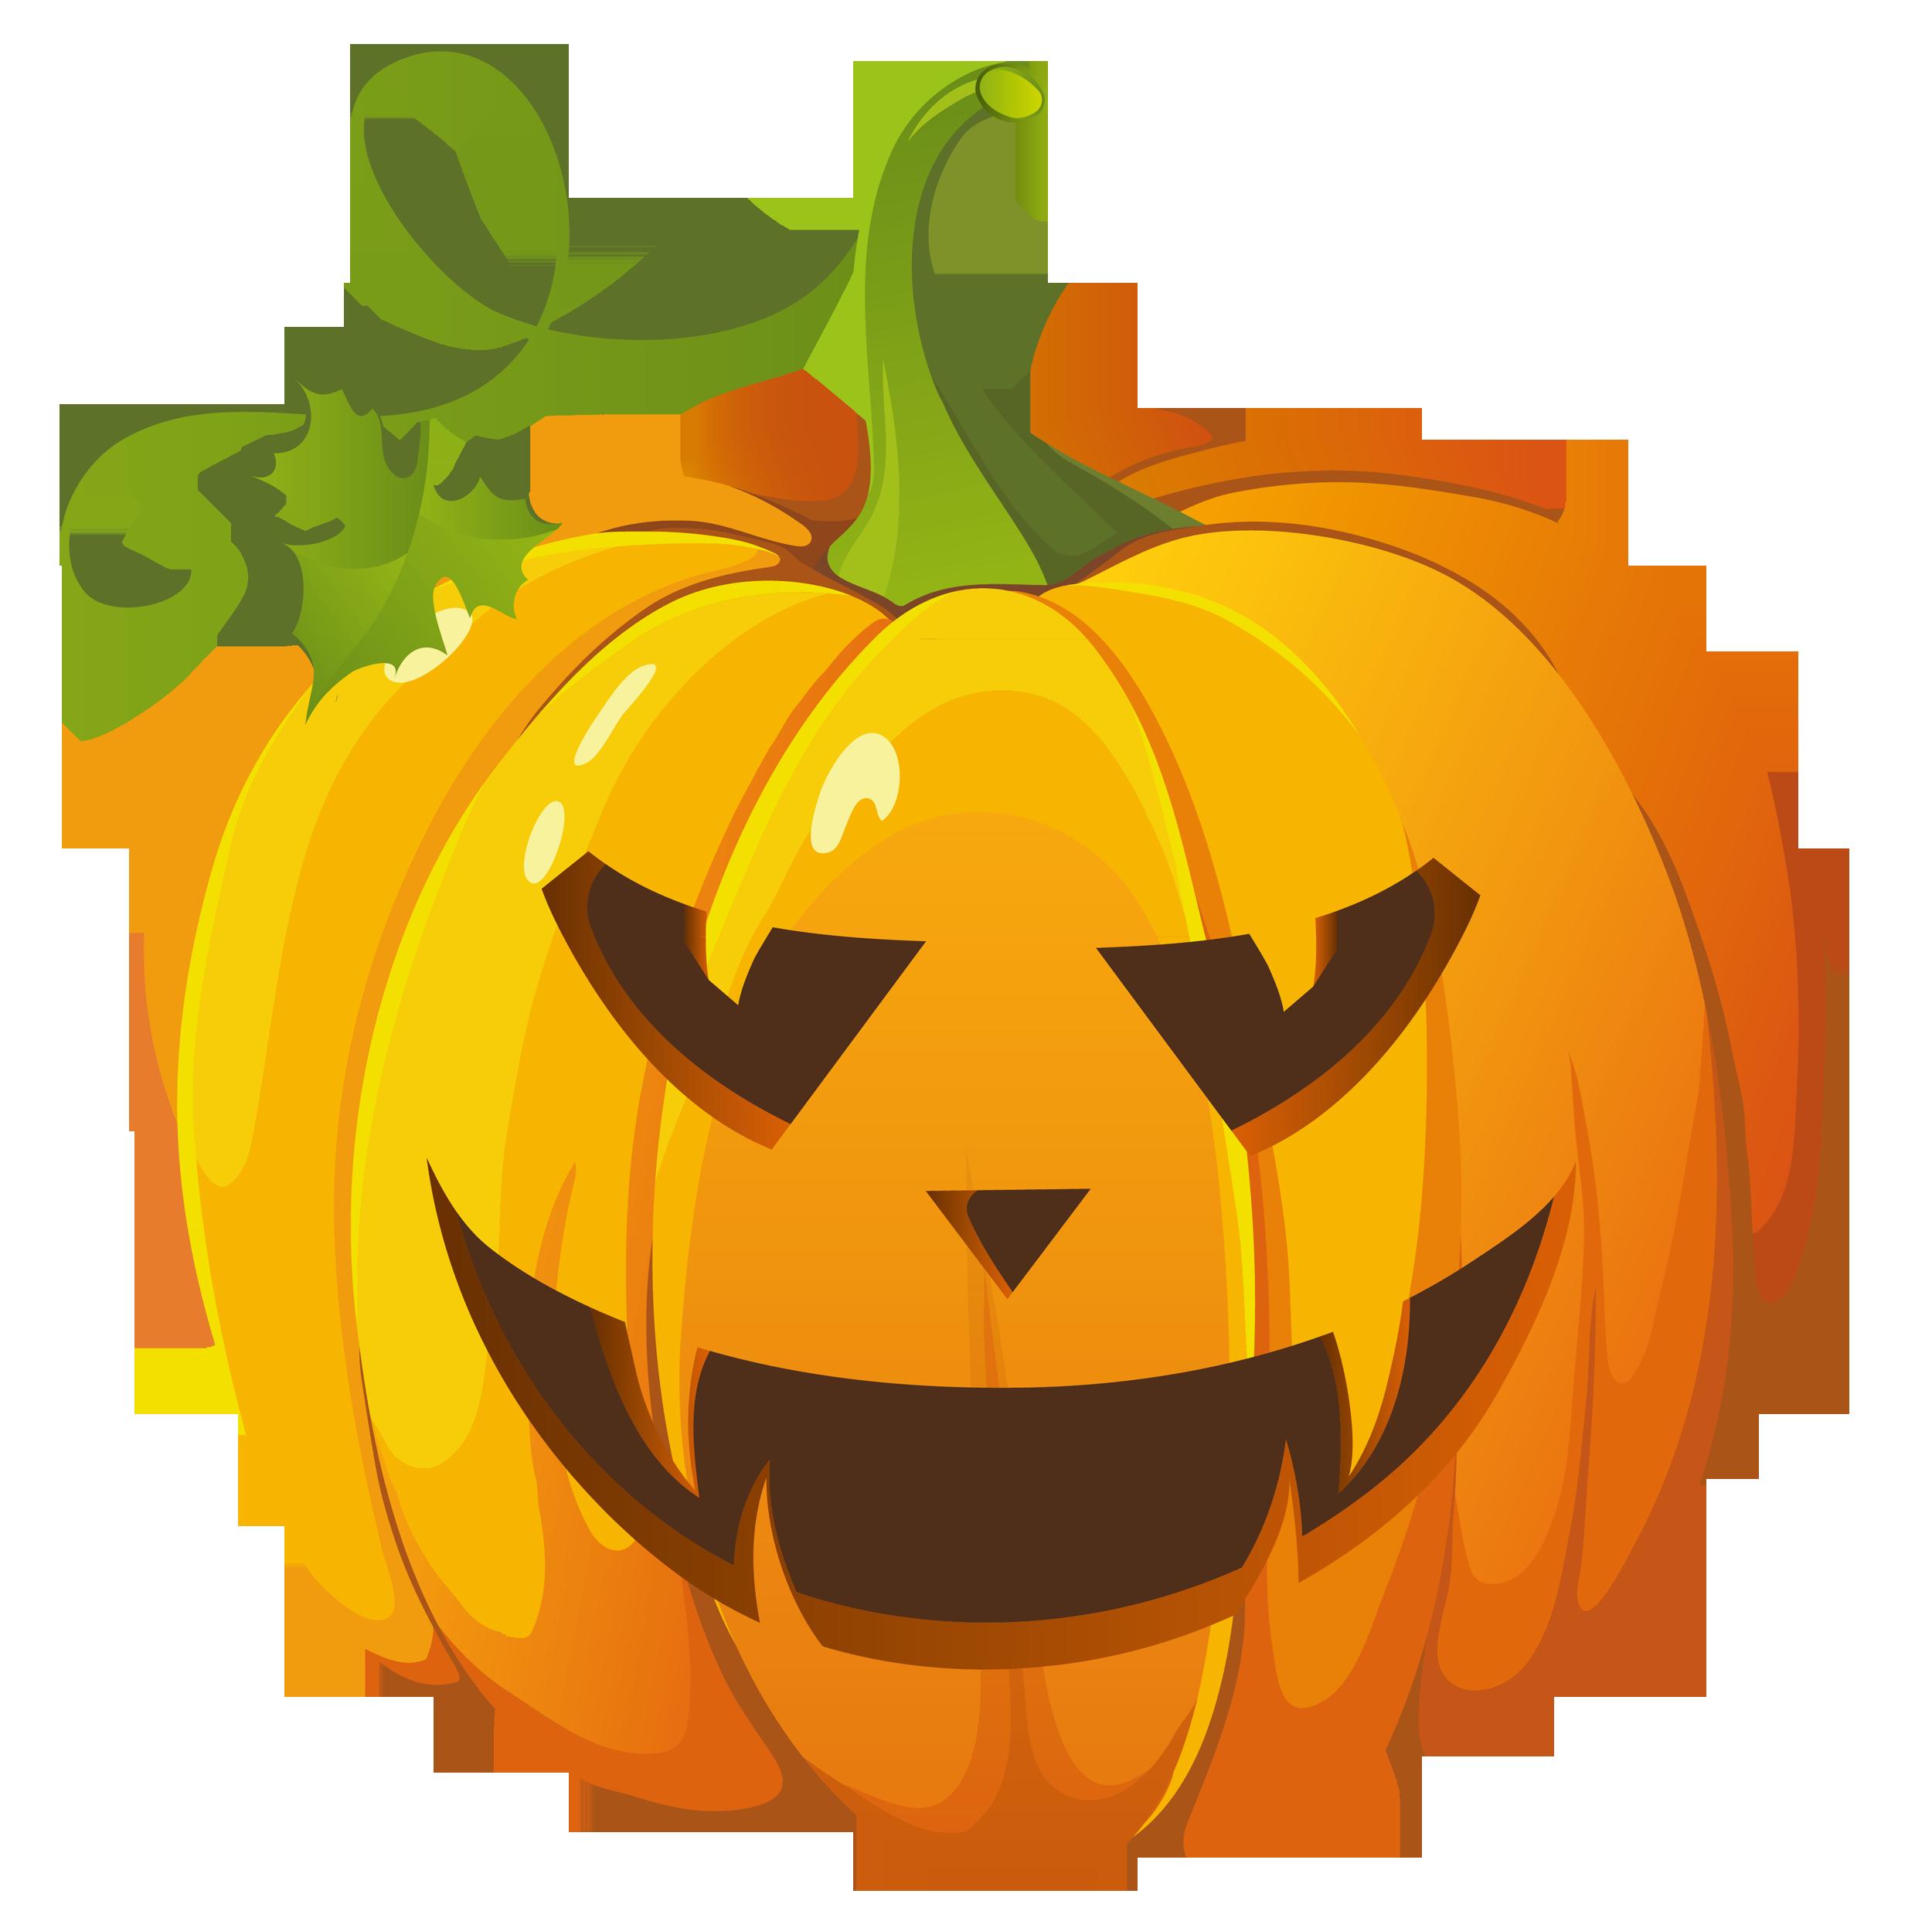 Clip Art Of Halloween Pumpkins